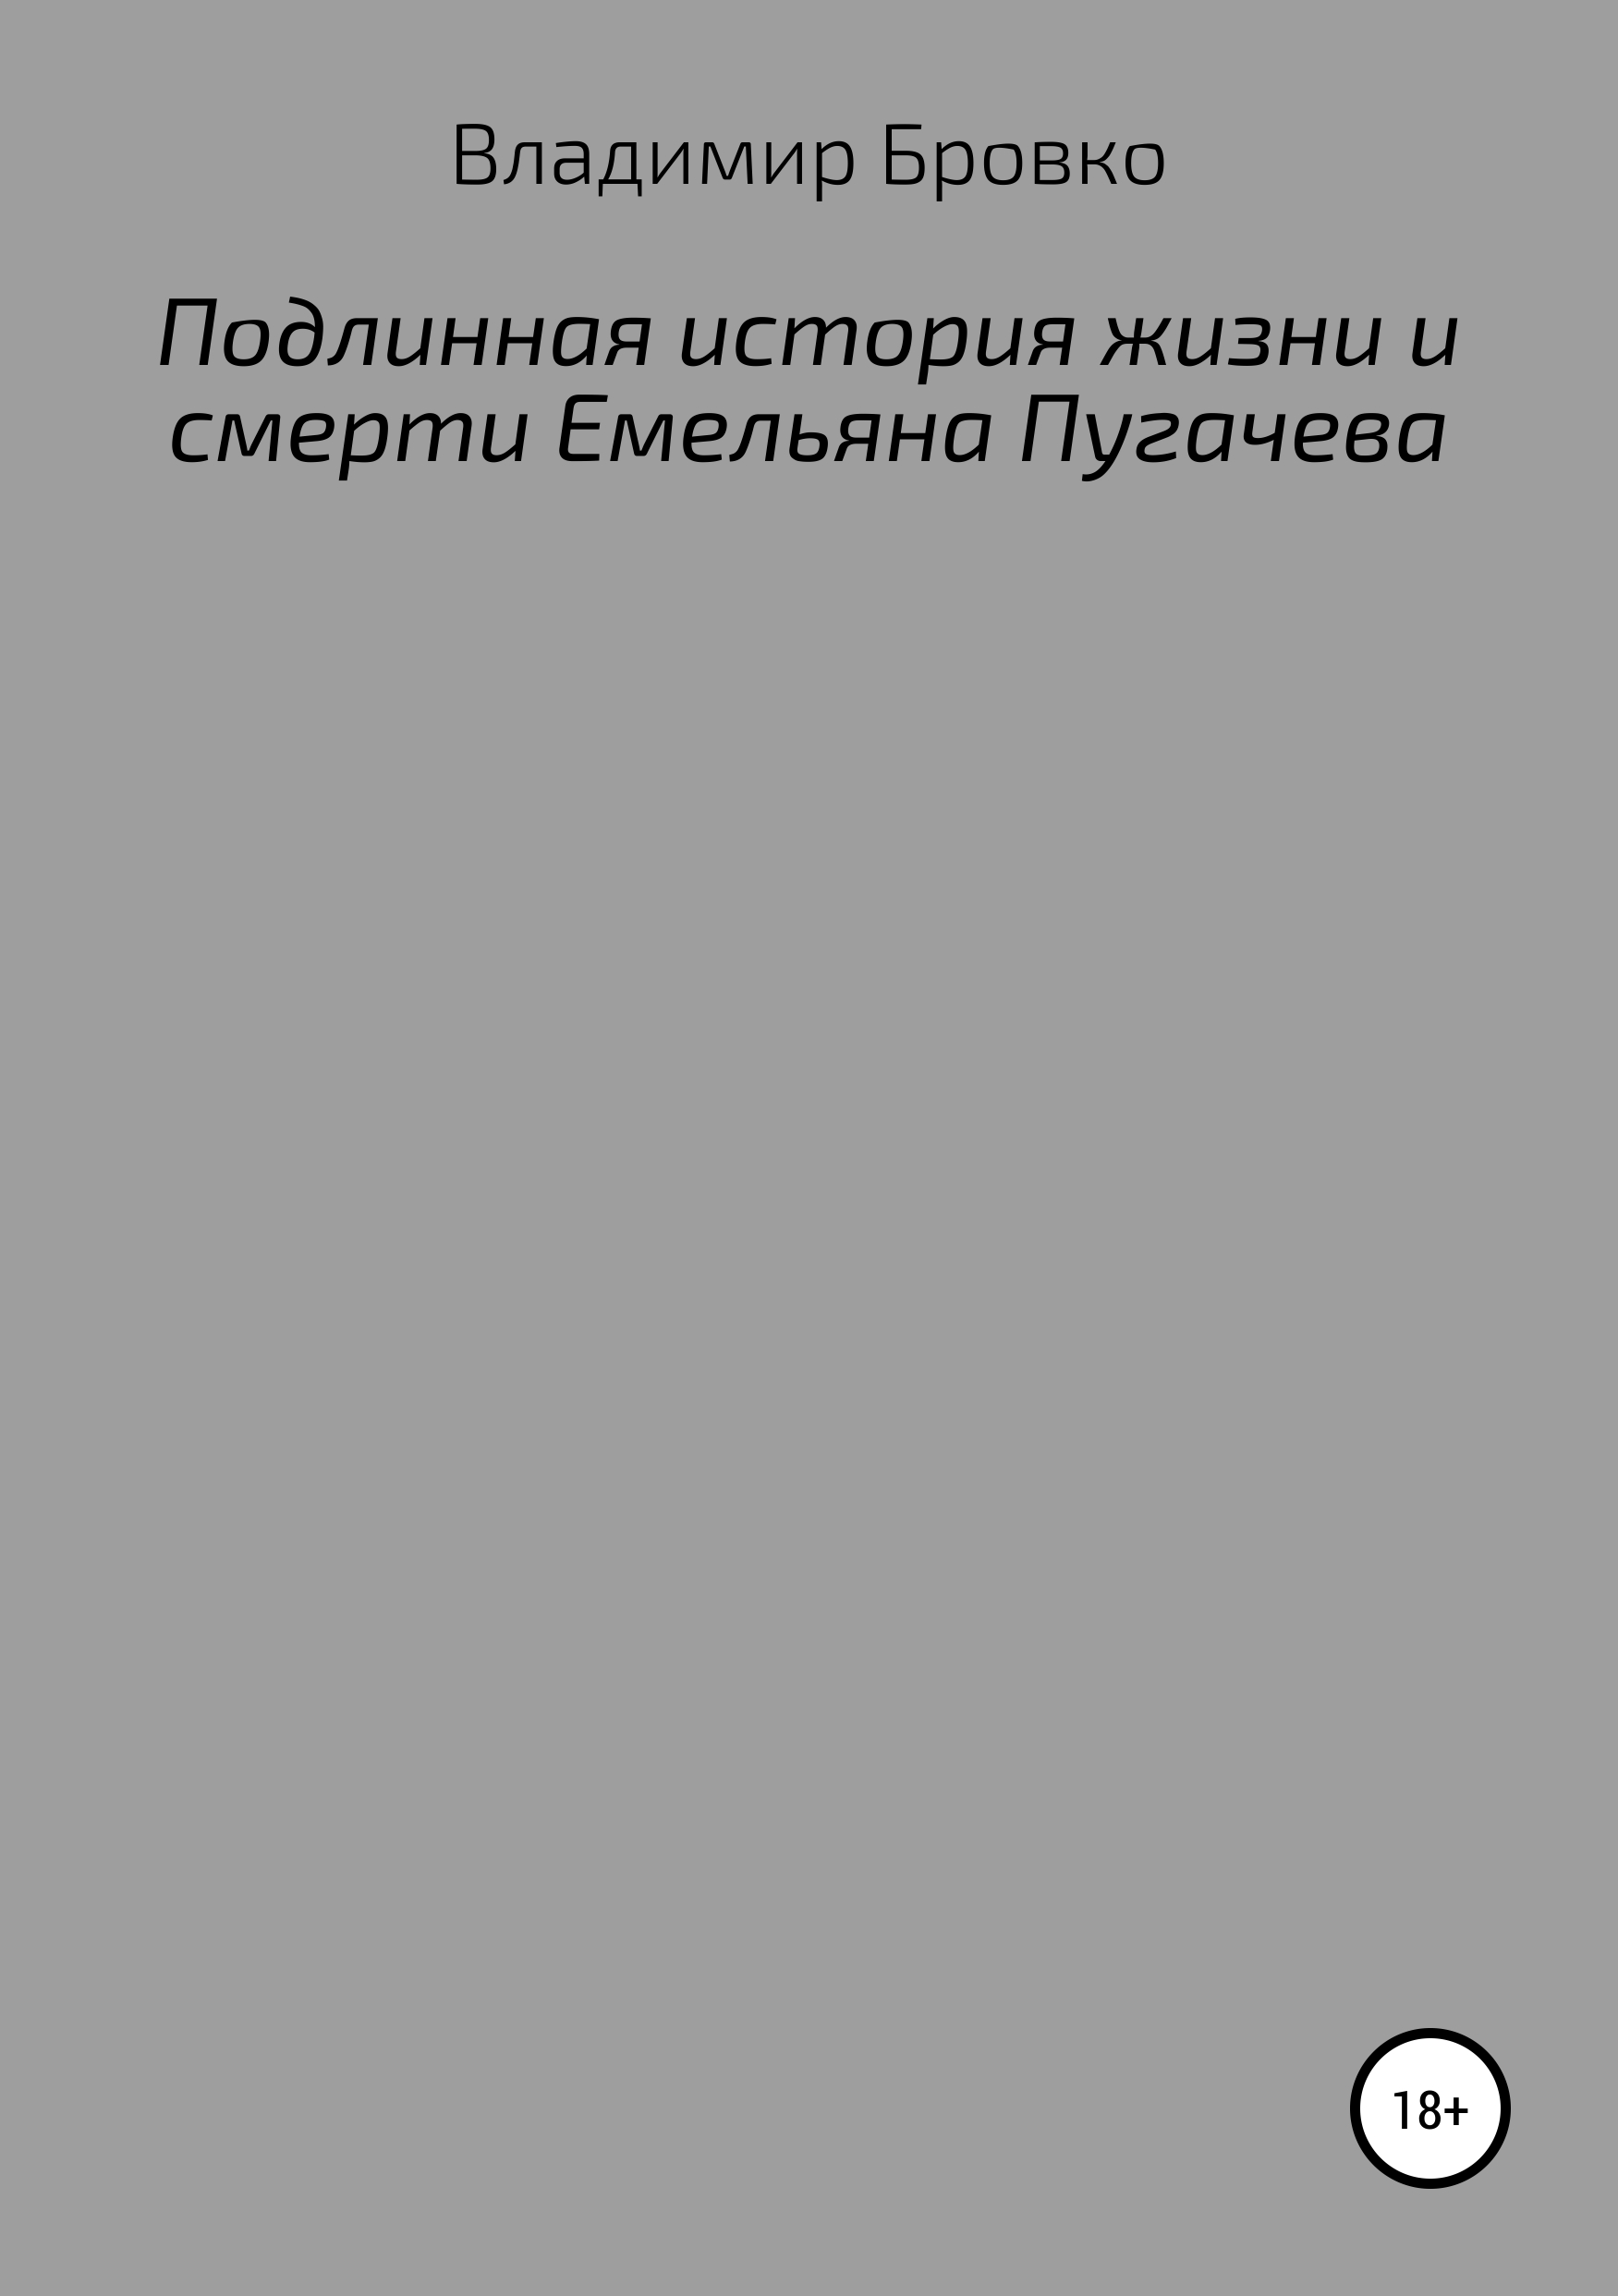 Подлинная история жизни и смерти Емельяна Пугачева